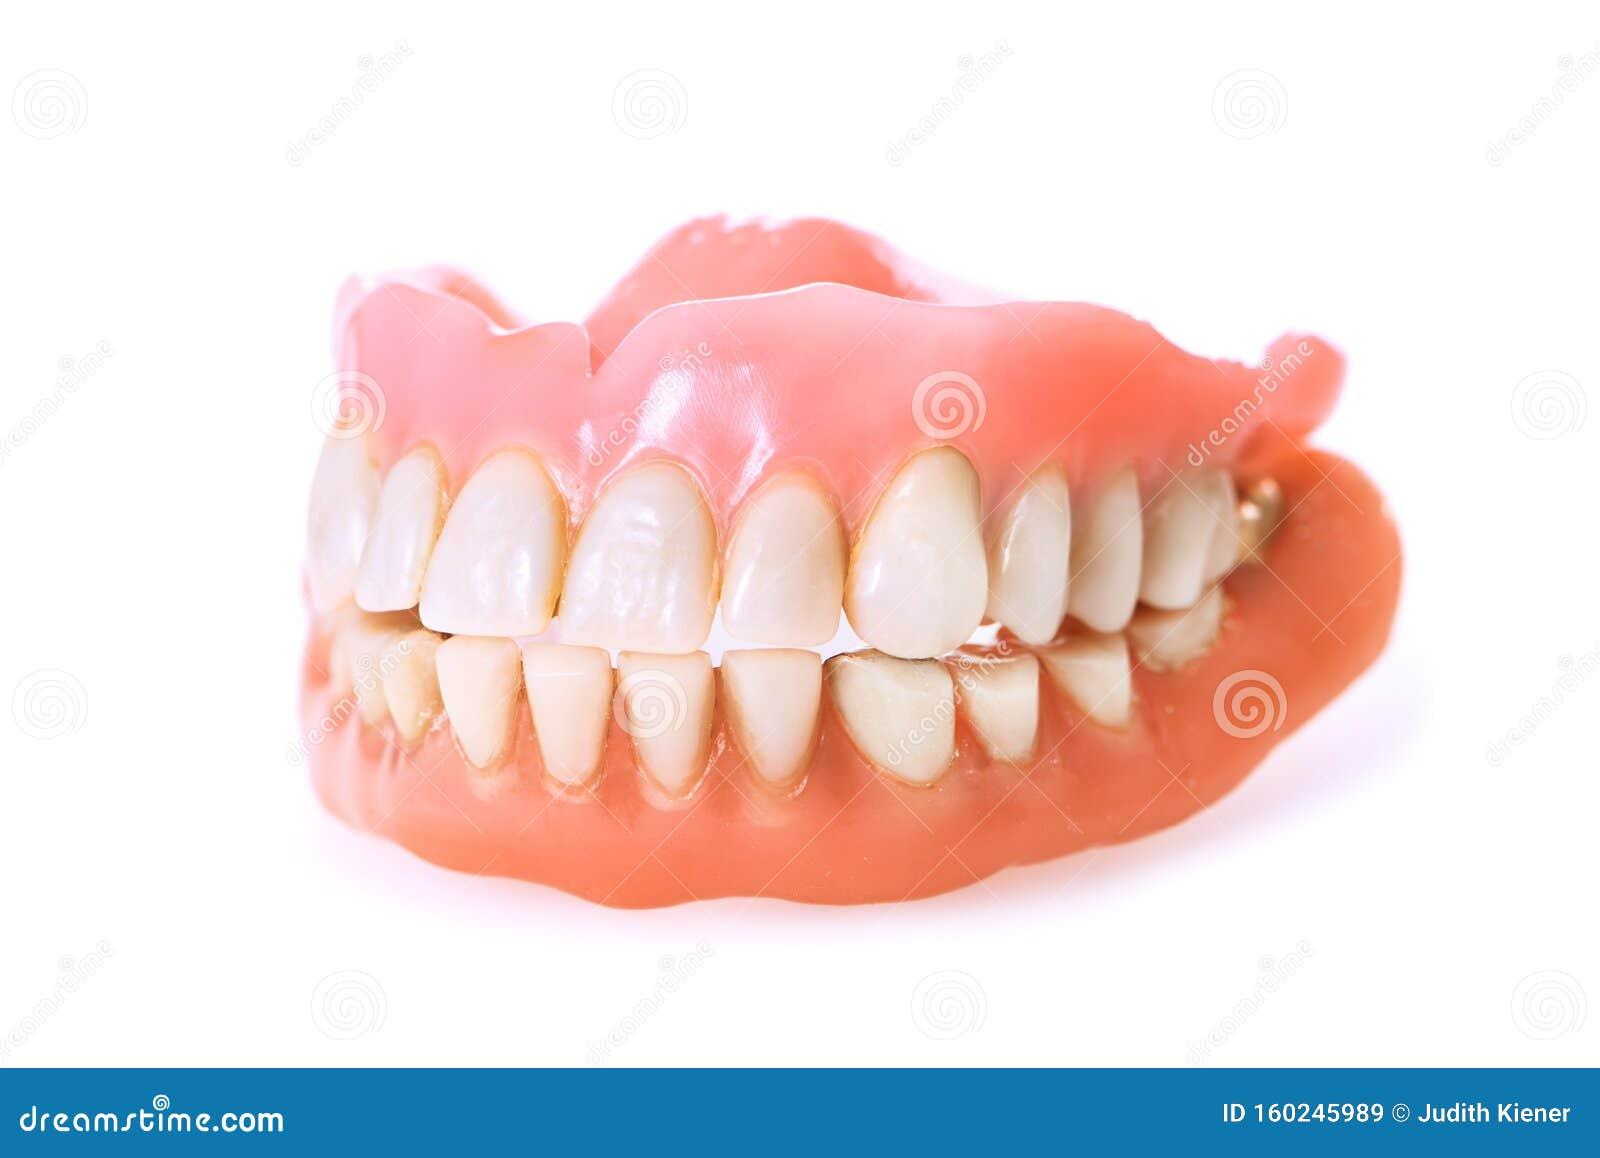 Zahnprothesen Auf Weißem Hintergrund Stockbild - Bild von